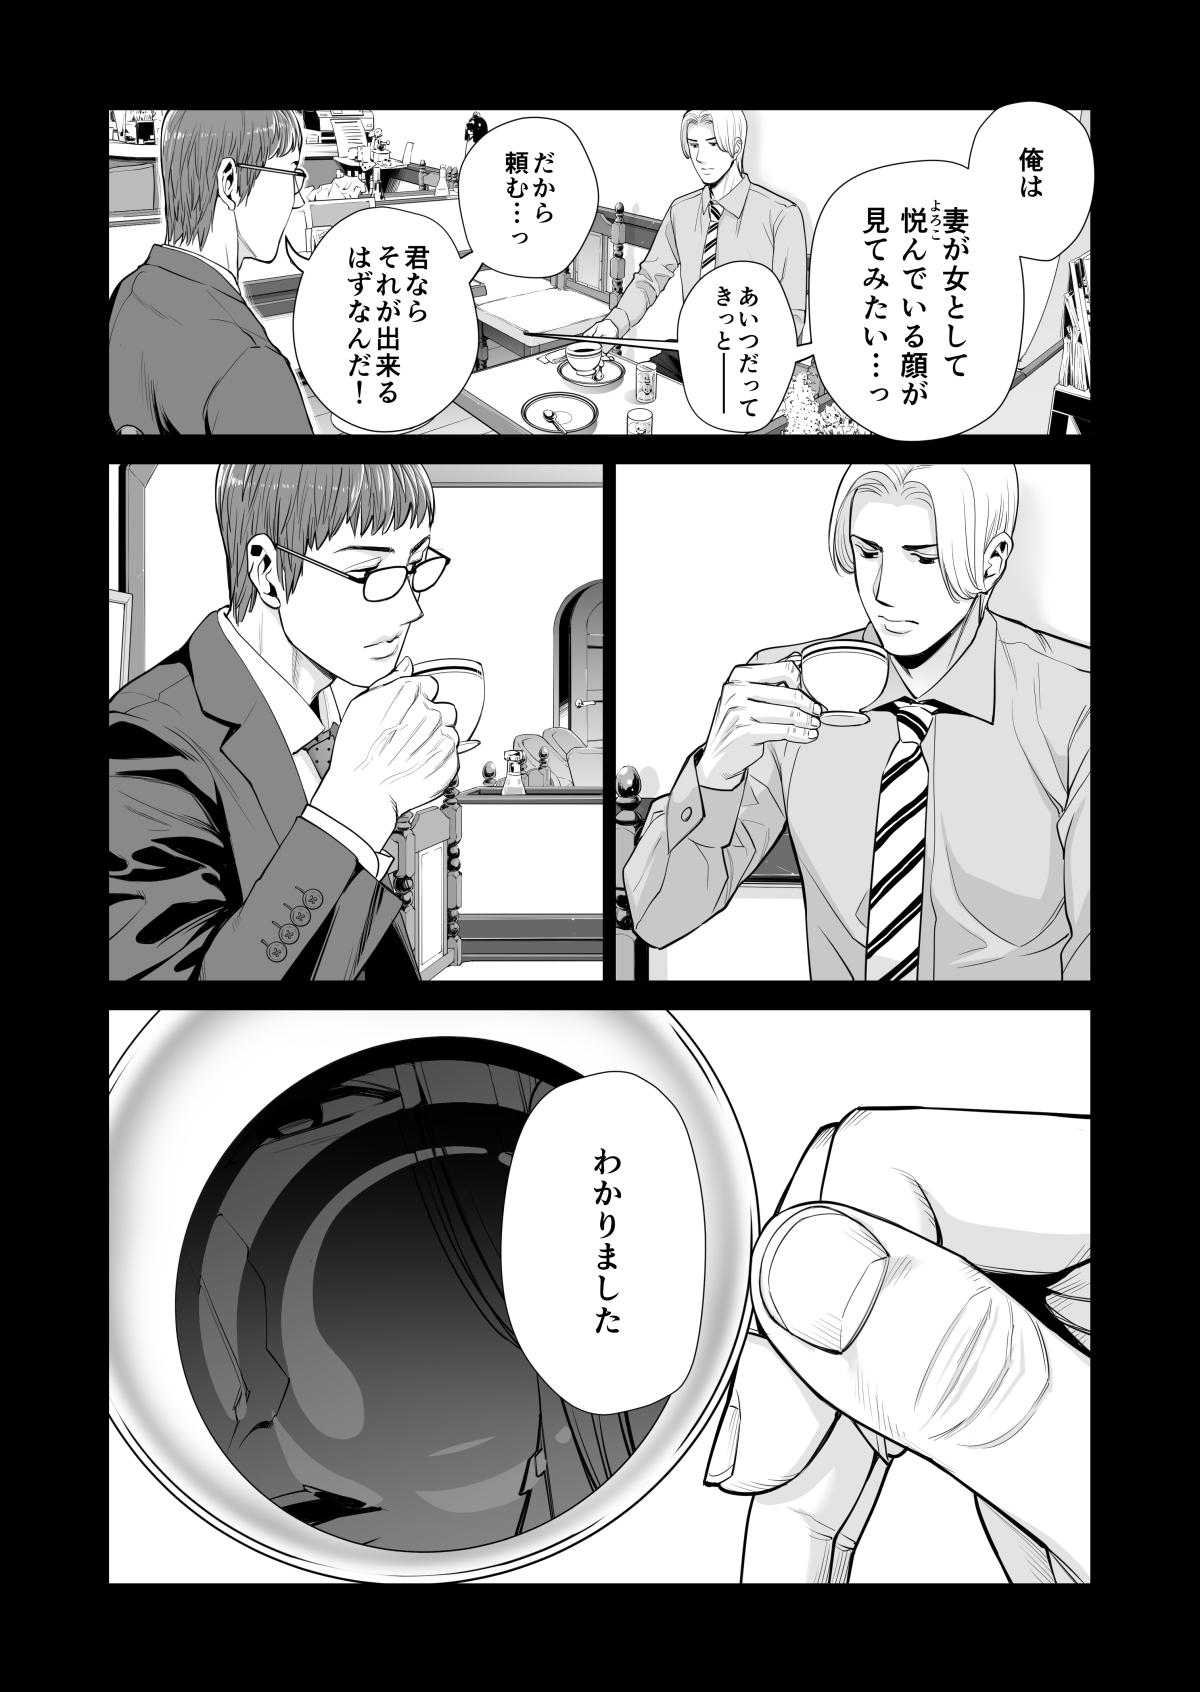 Tsukiyo no Midare Sake 47